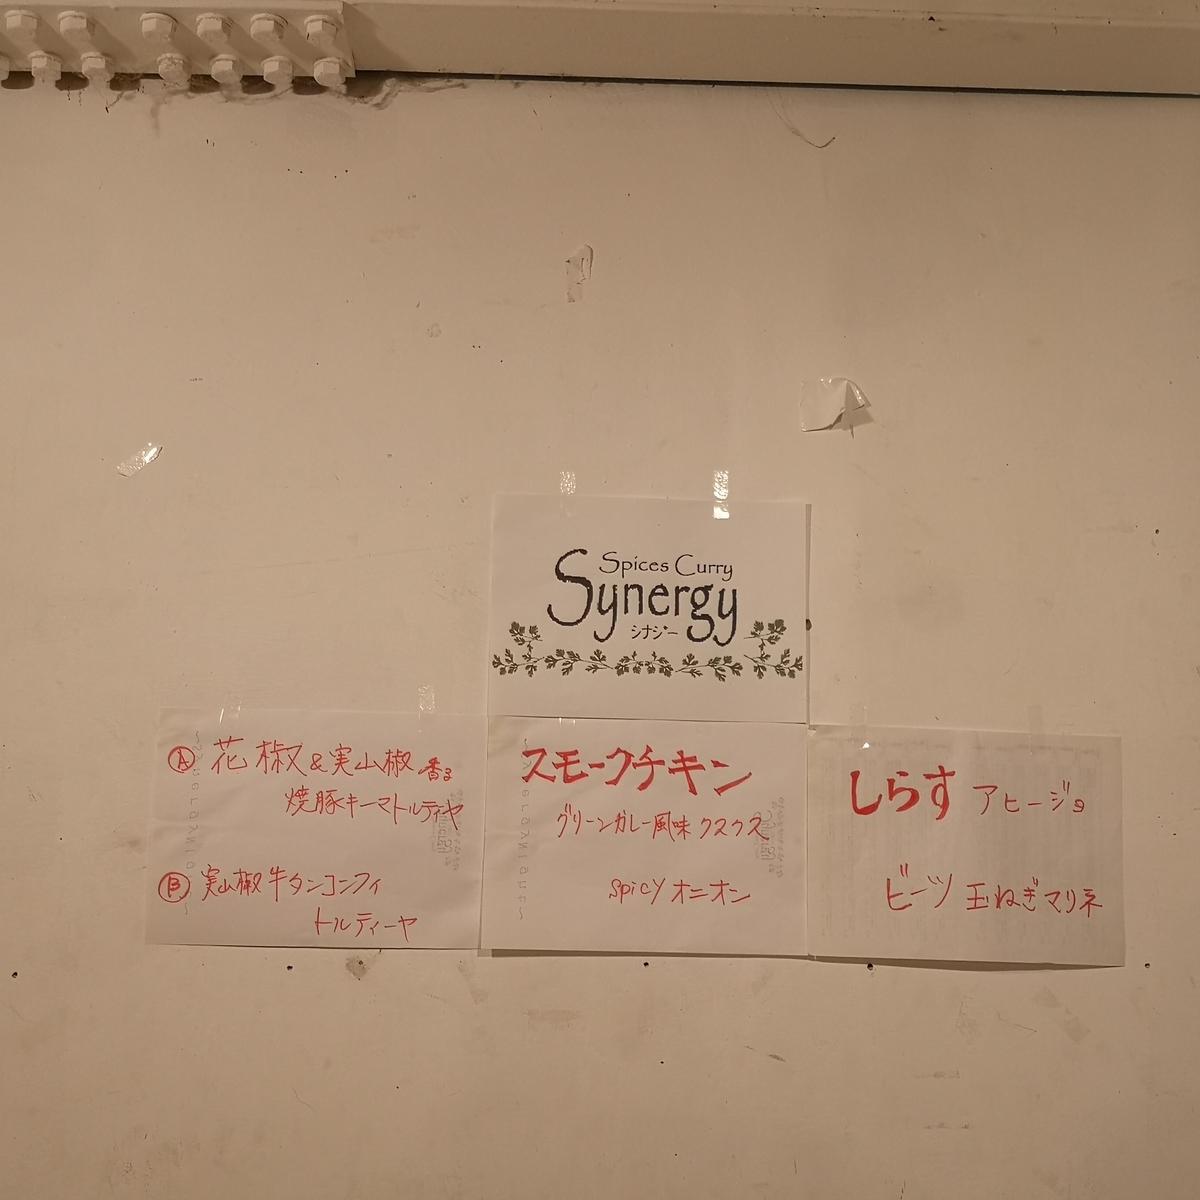 カレー事情聴取スパイス定食&バルVol.7 2019年10月18日 Synergy メニュー